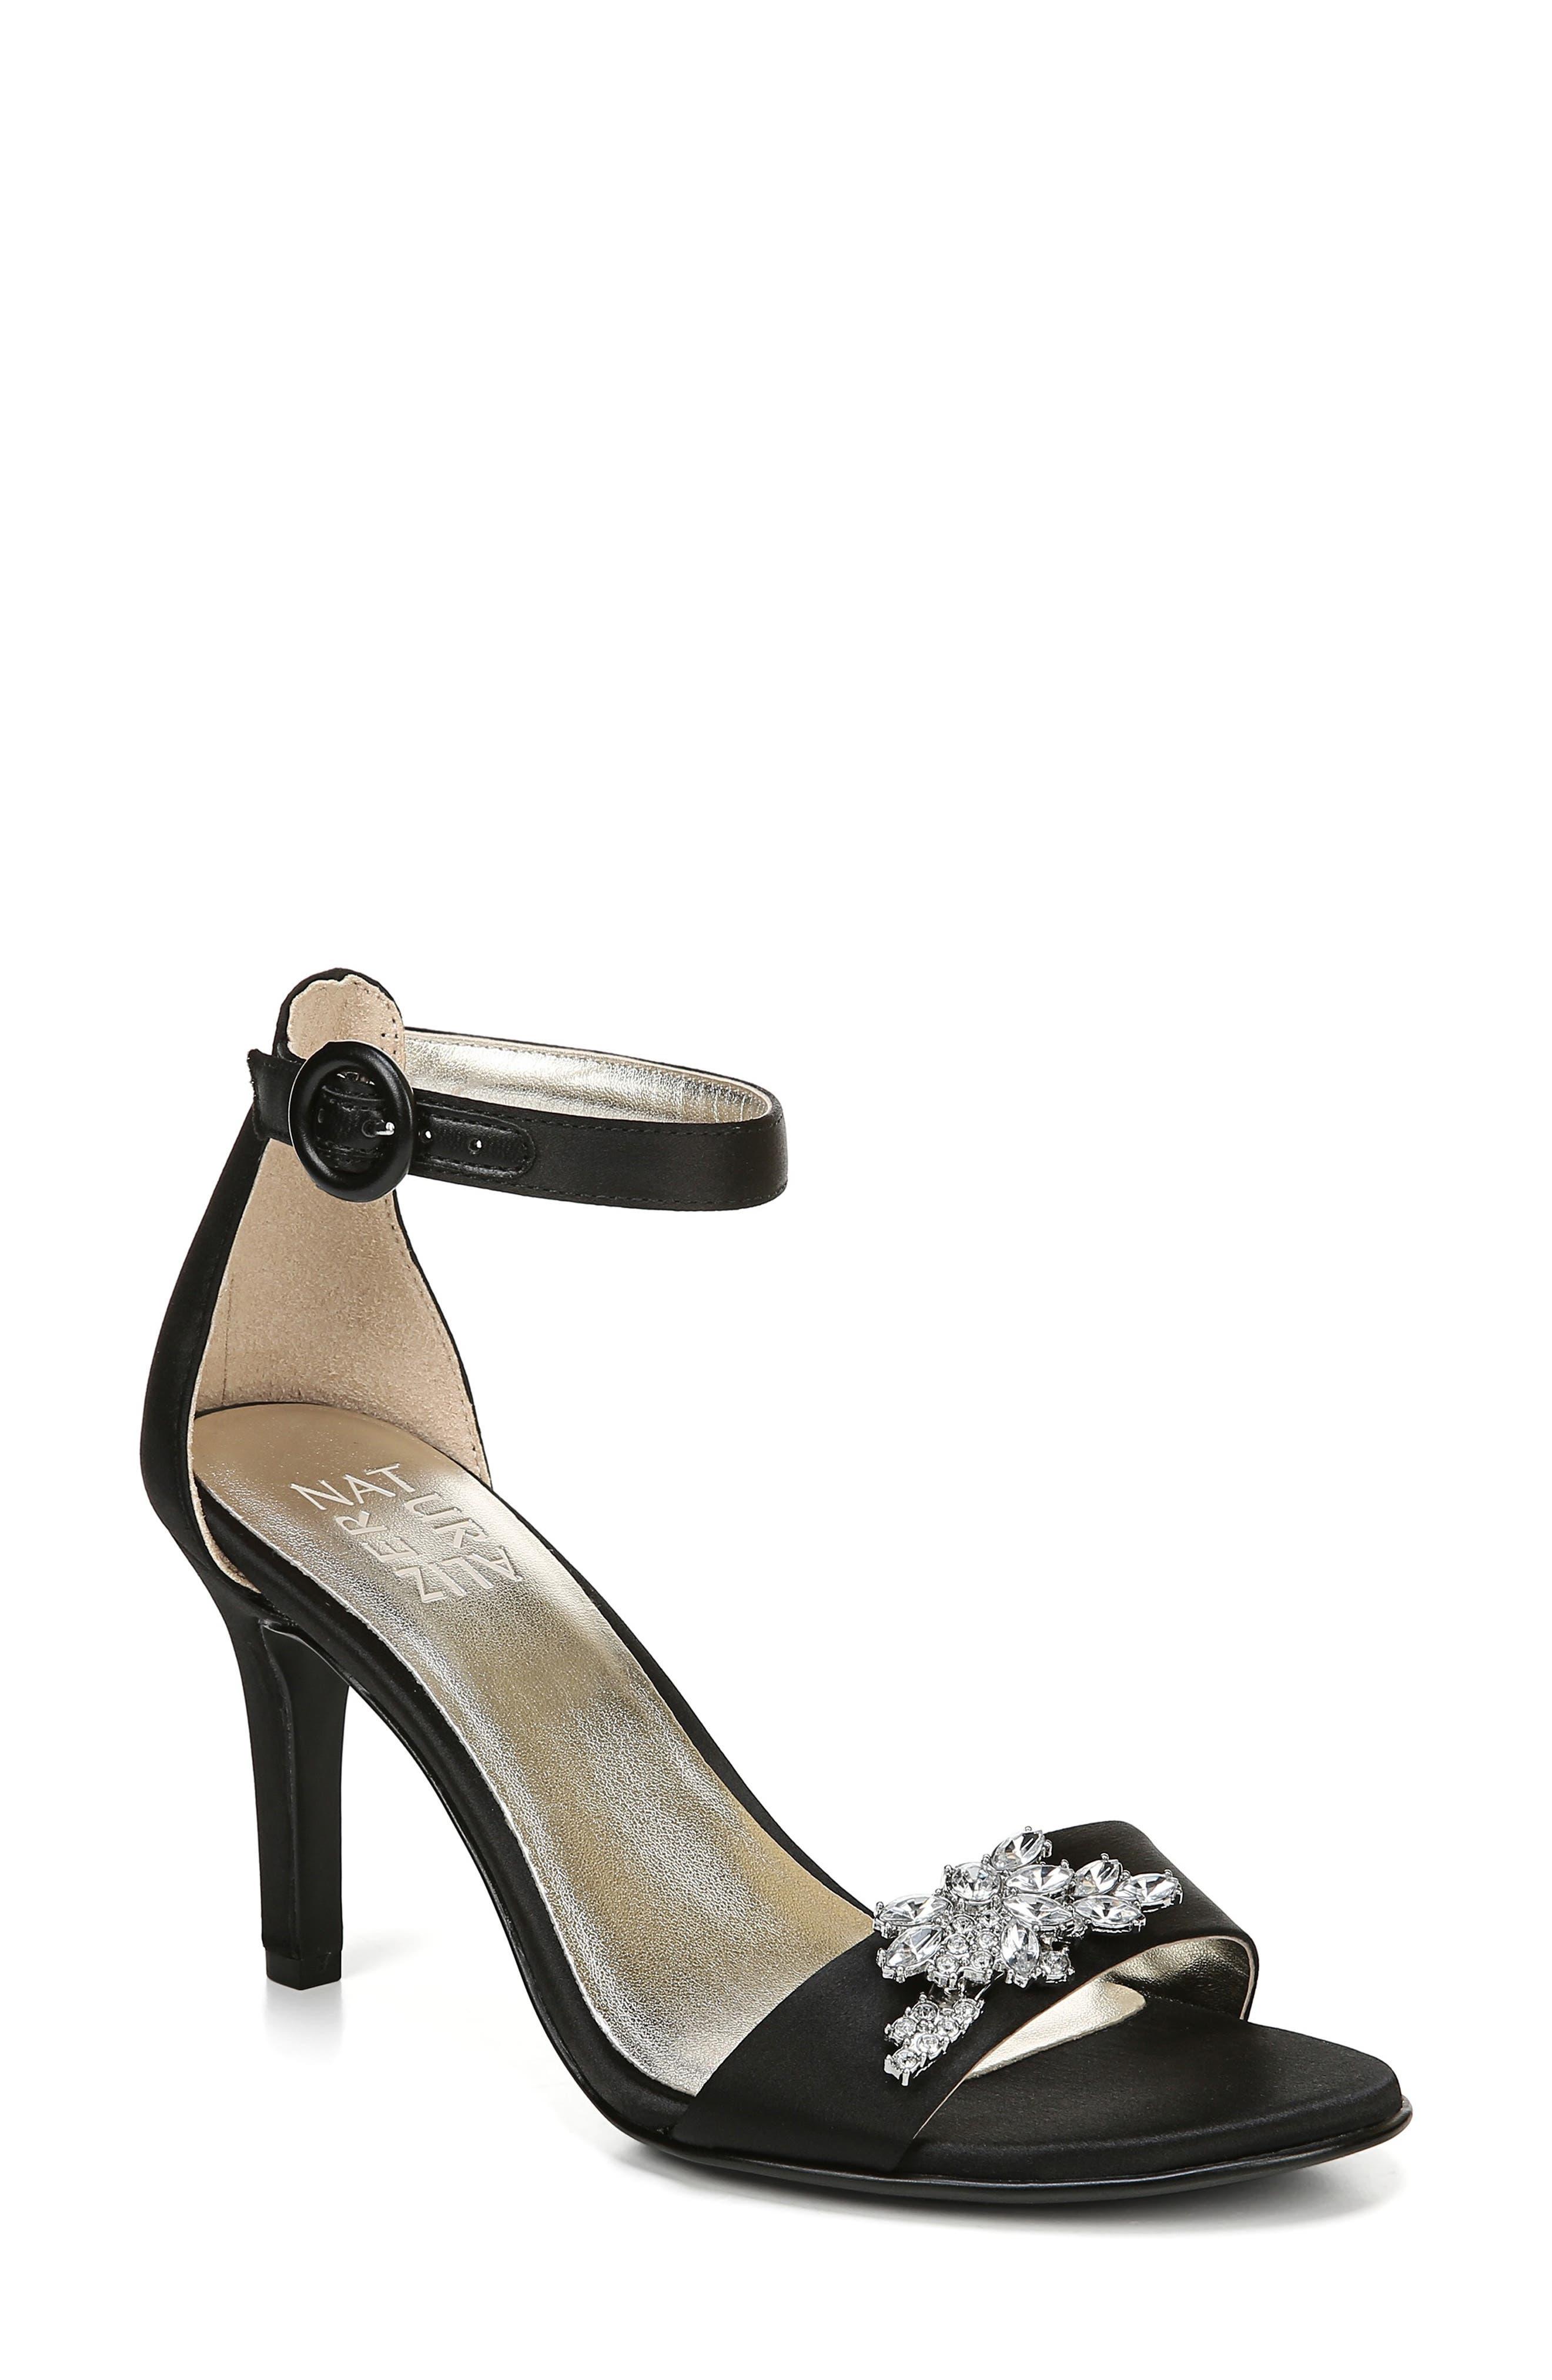 NATURALIZER Kinsley Sandal, Main, color, BLACK SATIN